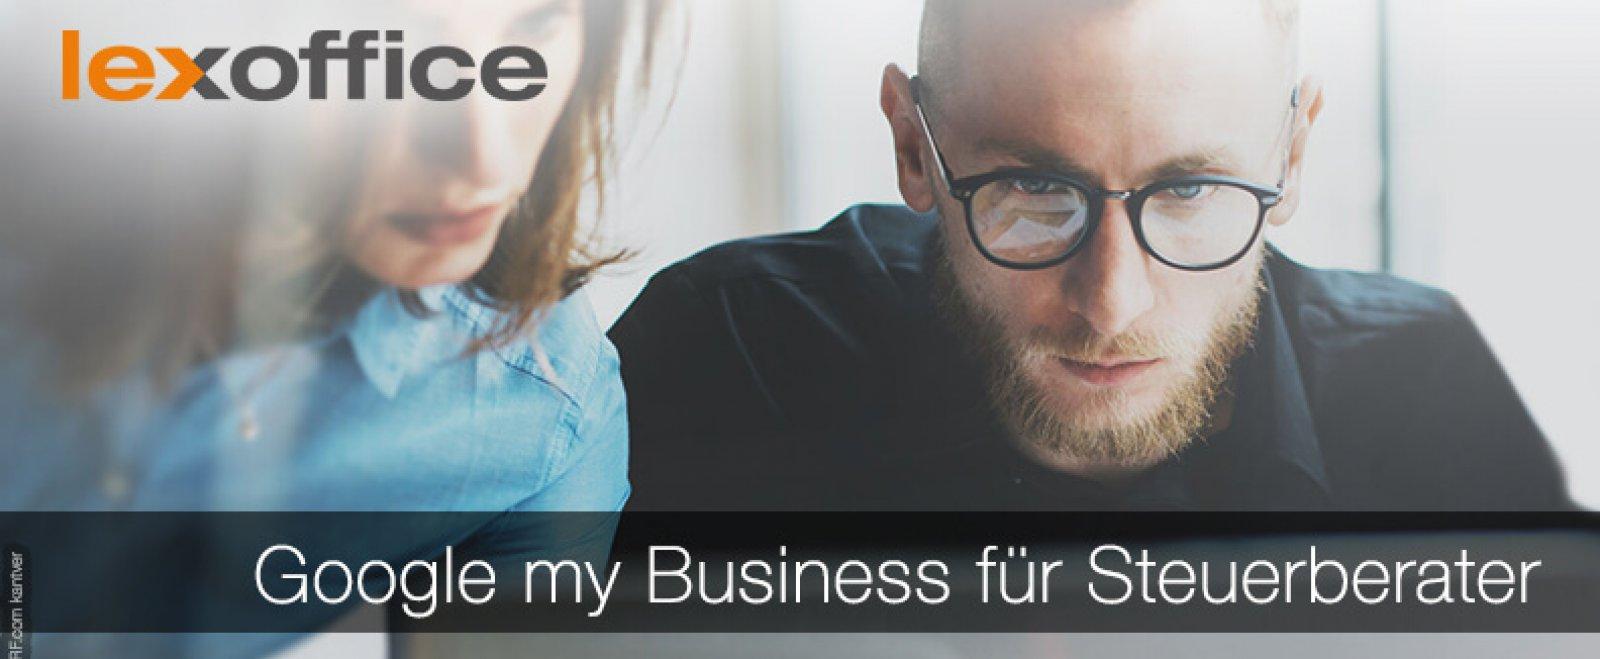 Google my Business für Steuerberater und andere lokale Unternehmer